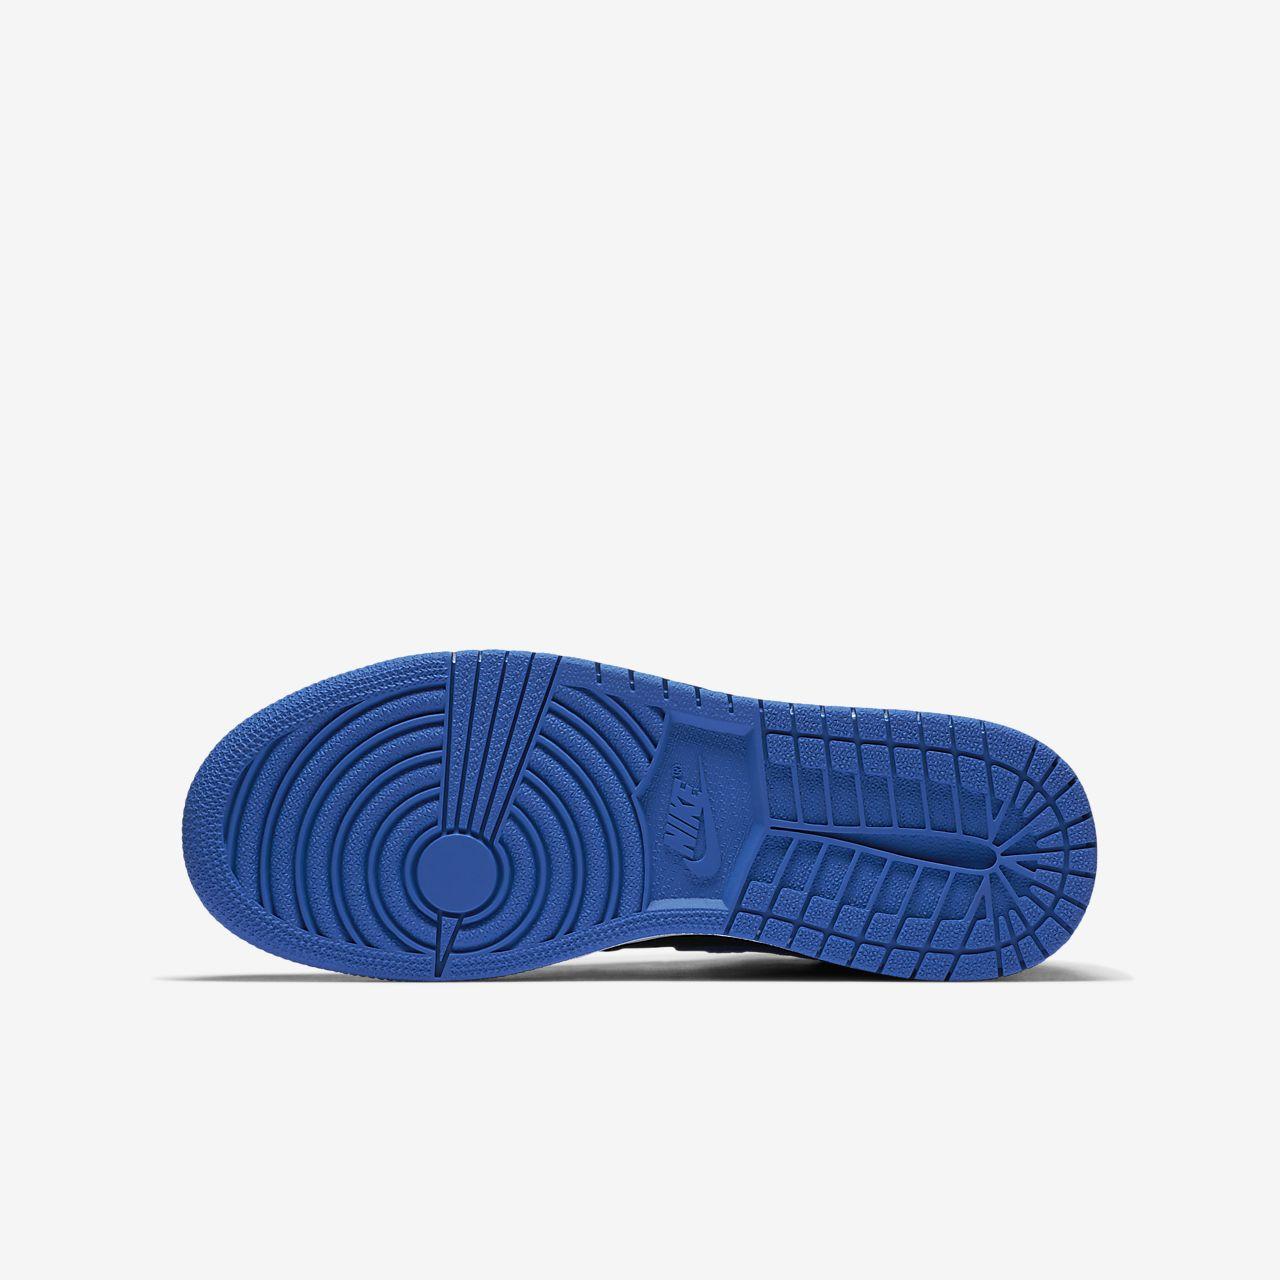 97b839ce7ec29e Air Jordan 1 Retro High OG Boys  Shoe. Nike.com IN